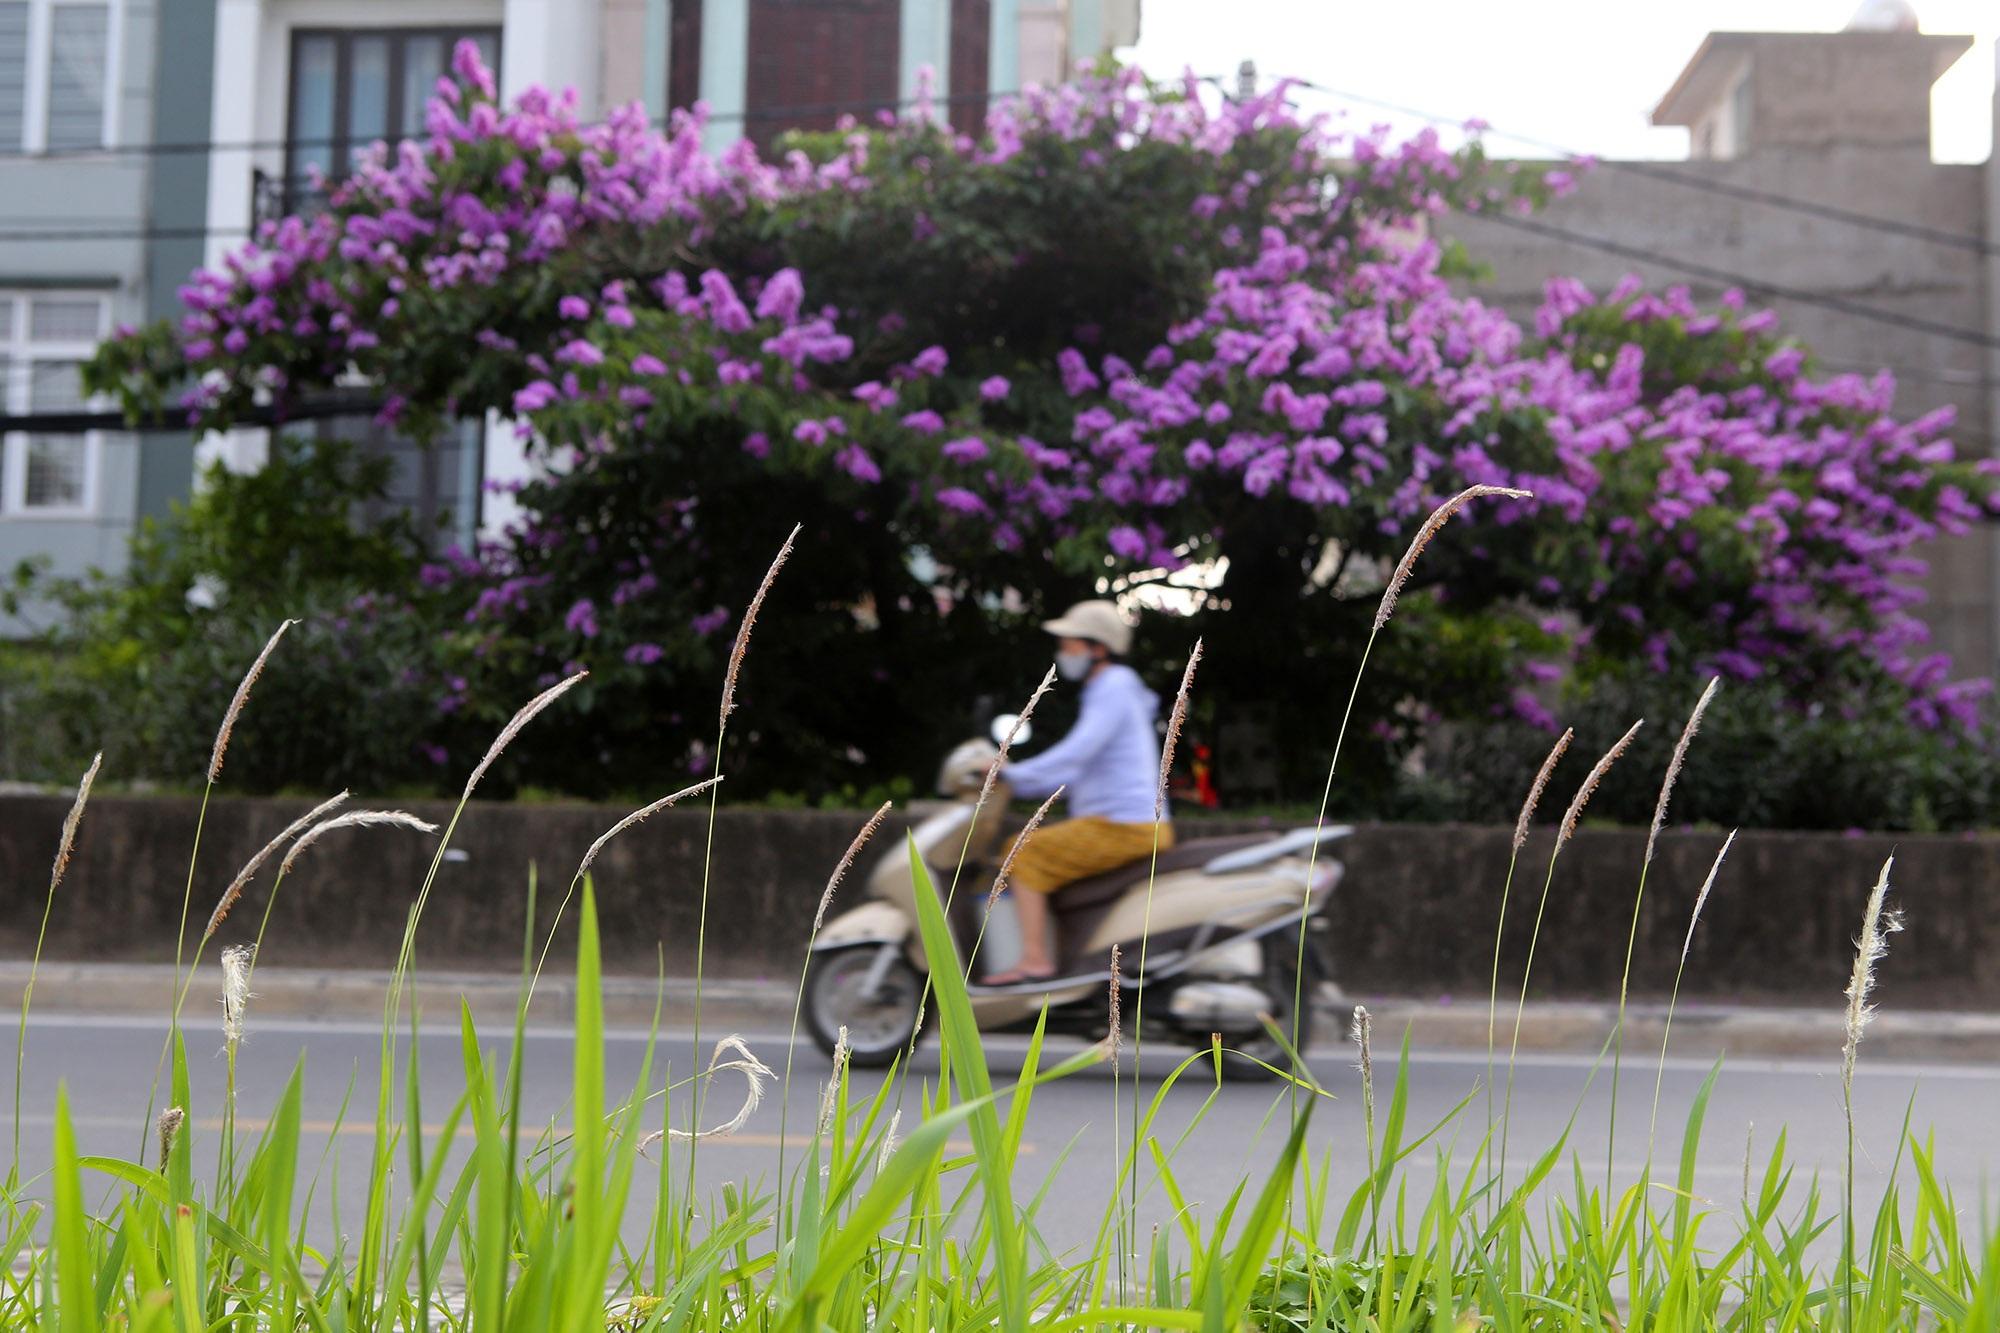 Ngắm hoa bằng lăng nở tím trời Hà Nội - 2